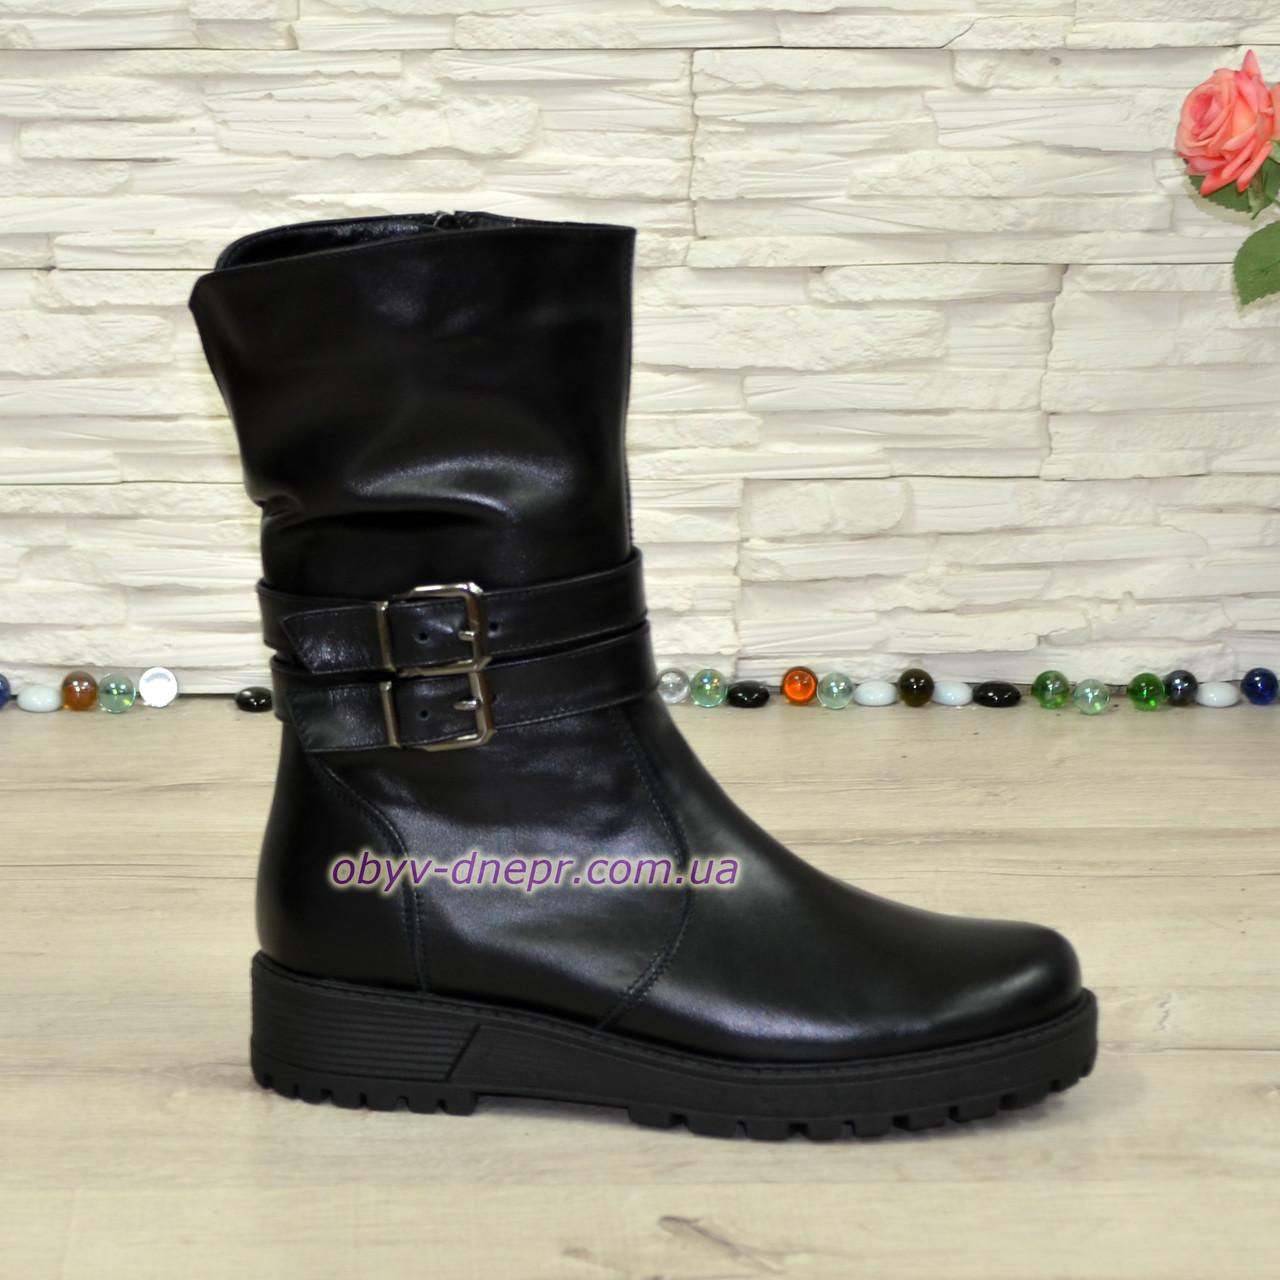 Ботинки кожаные черные женские   на утолщенной подошве